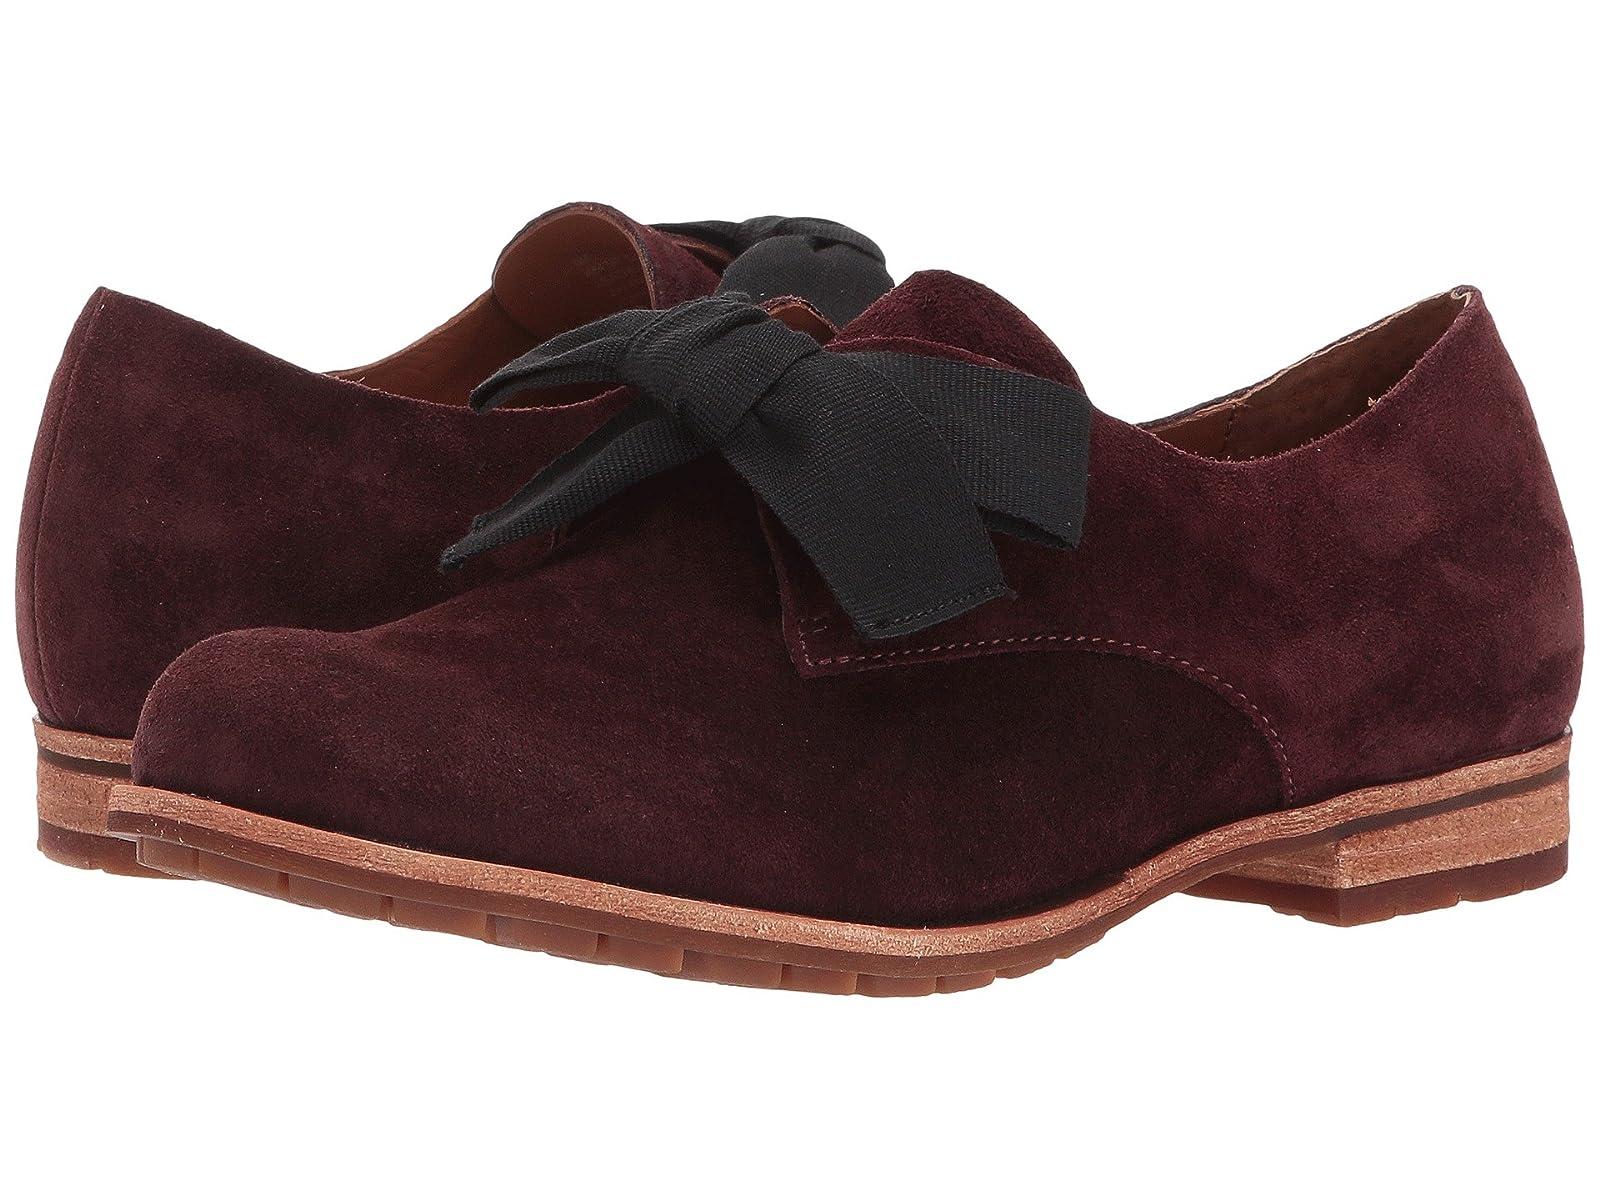 Kork-Ease BerylAtmospheric grades have affordable shoes